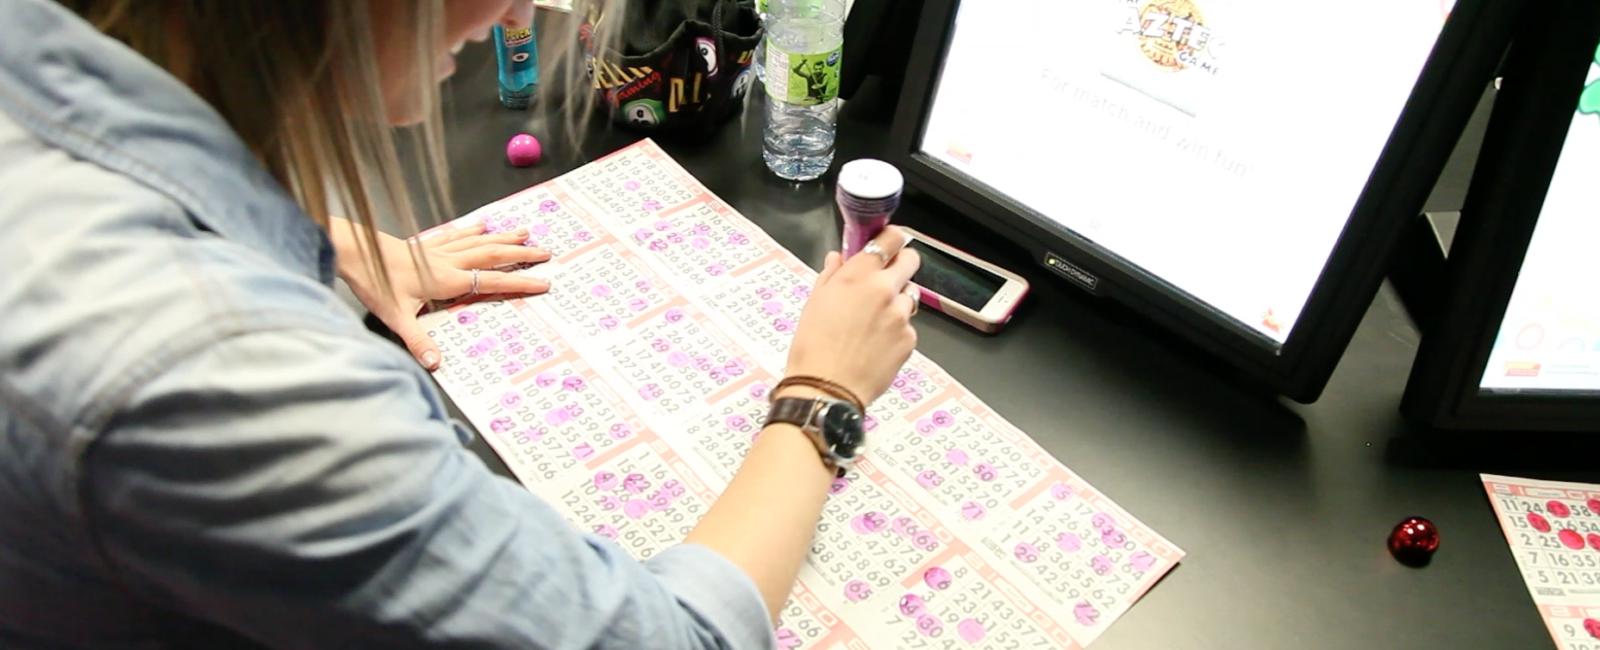 Playing Bingo at Delta Bingo